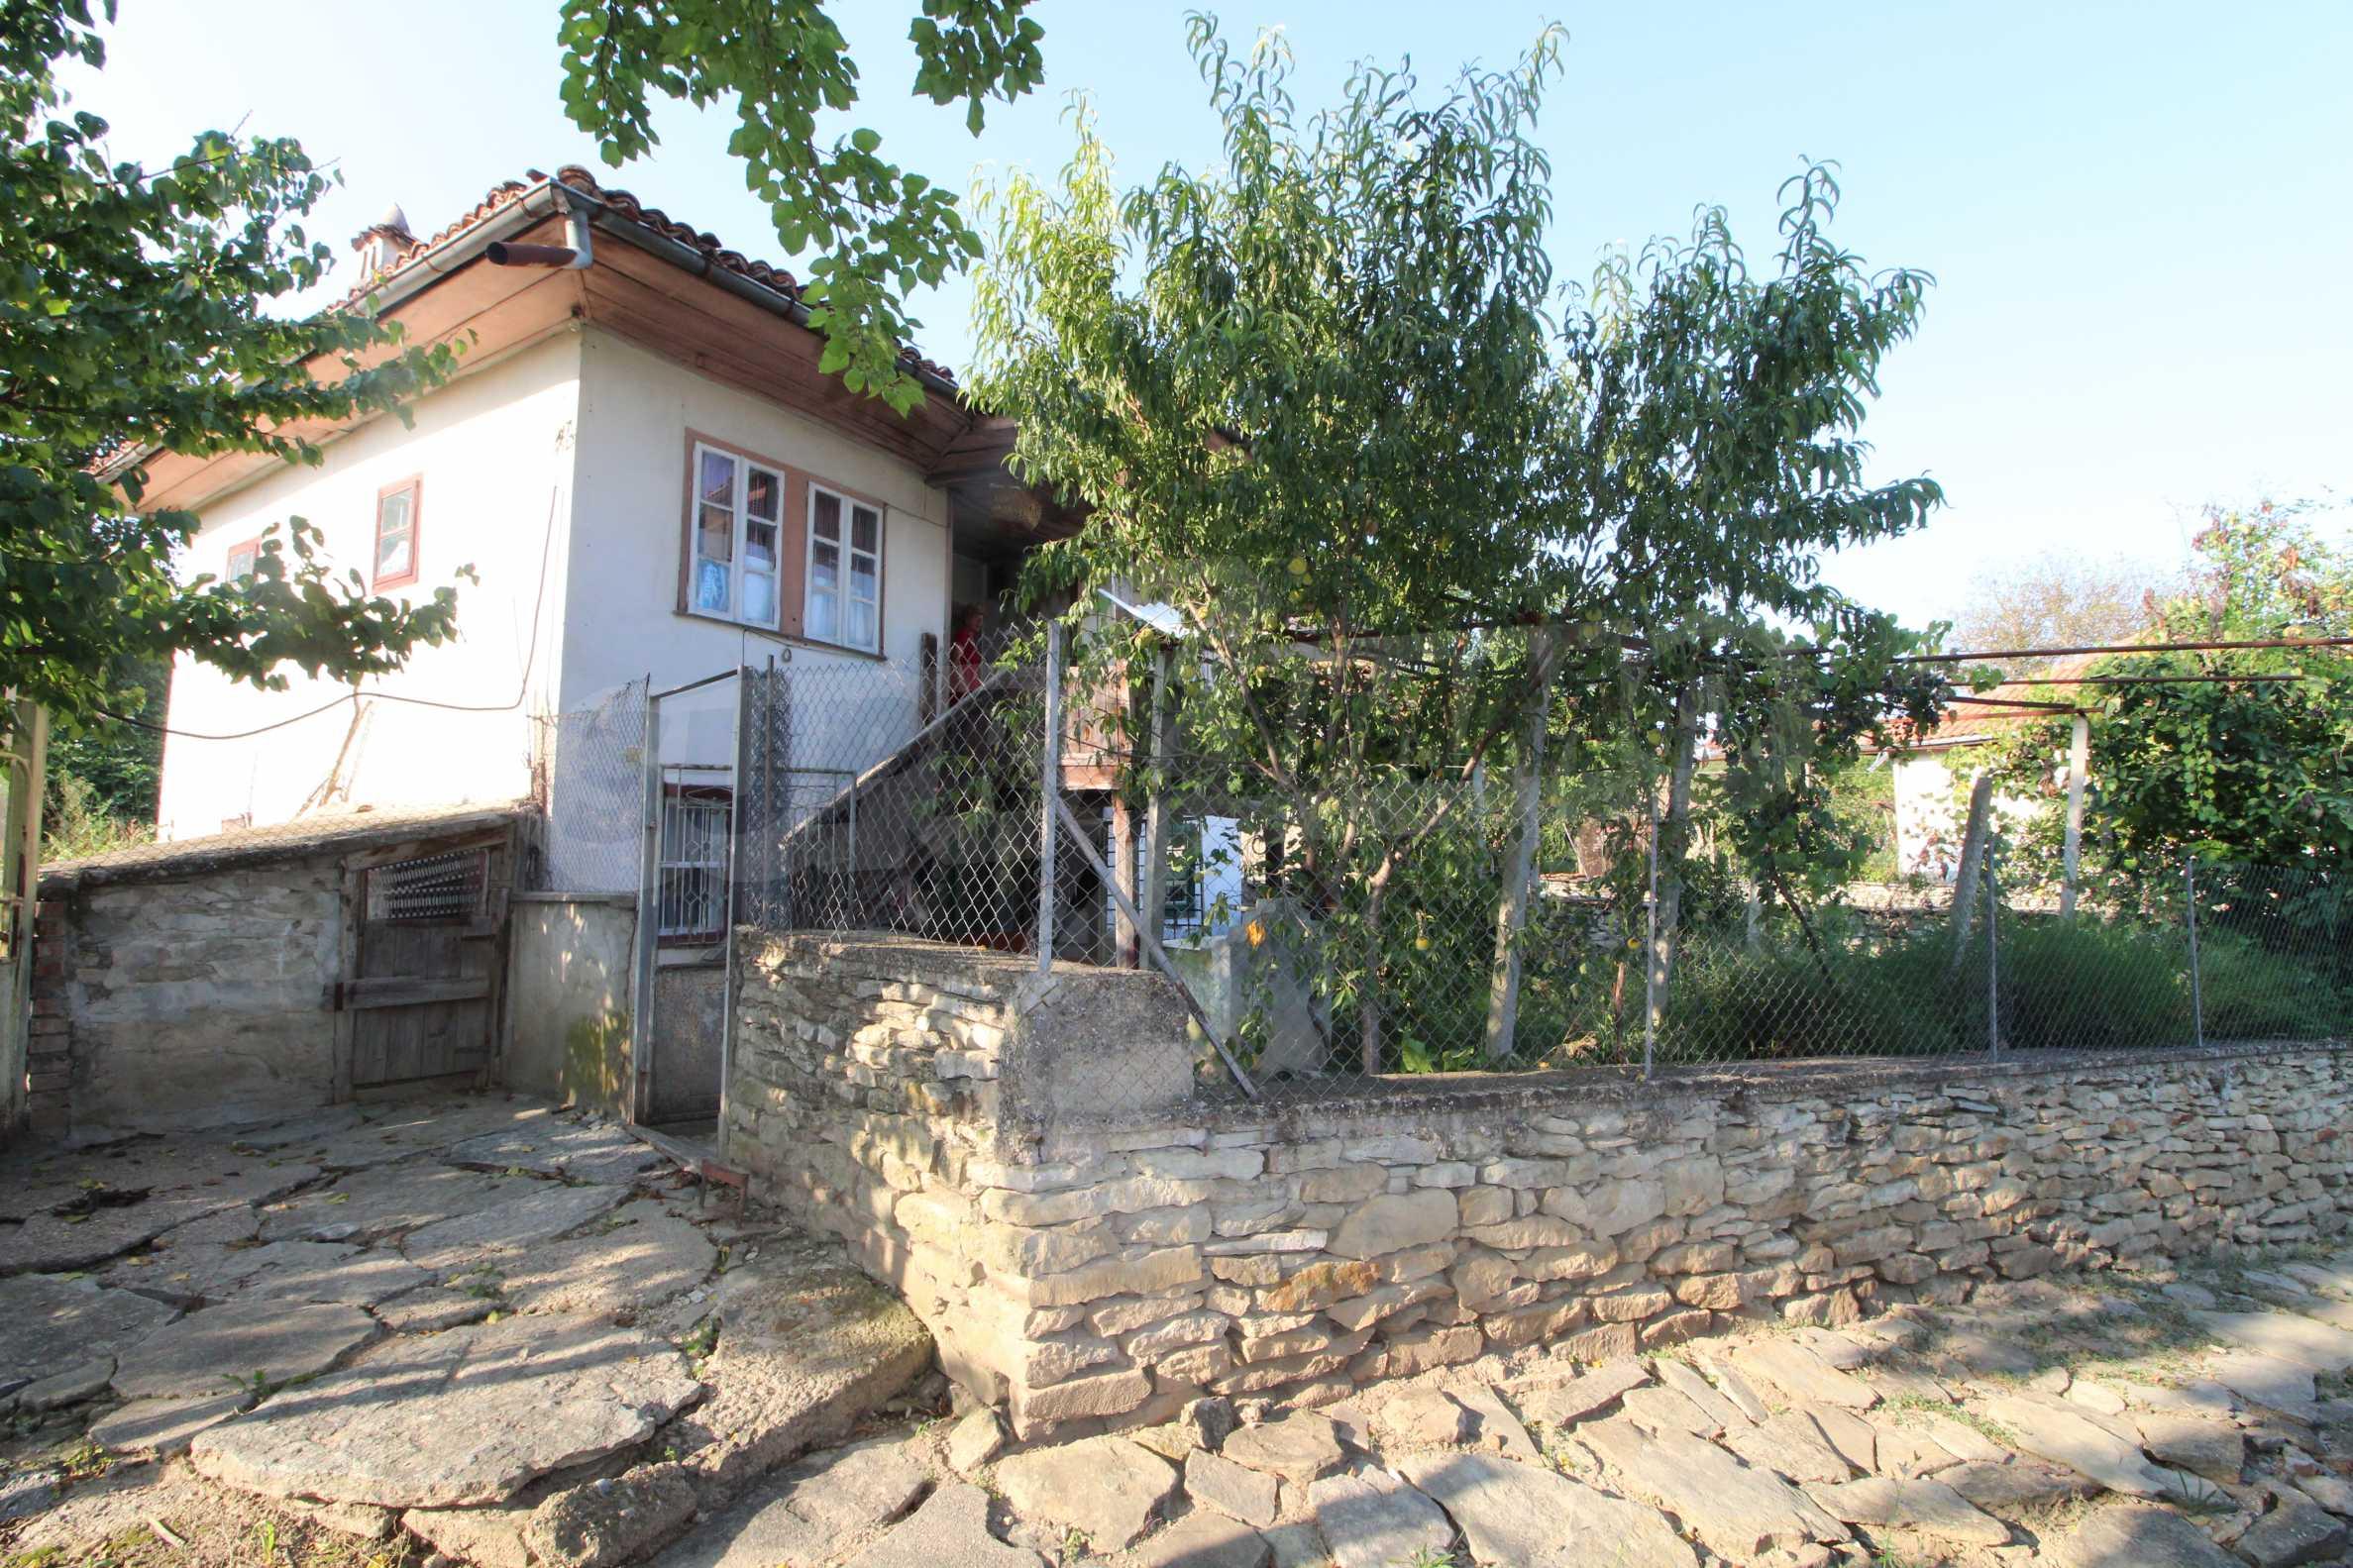 Zweistöckiges Haus mit Hof, 3 km von Weliko Tarnowo entfernt 24